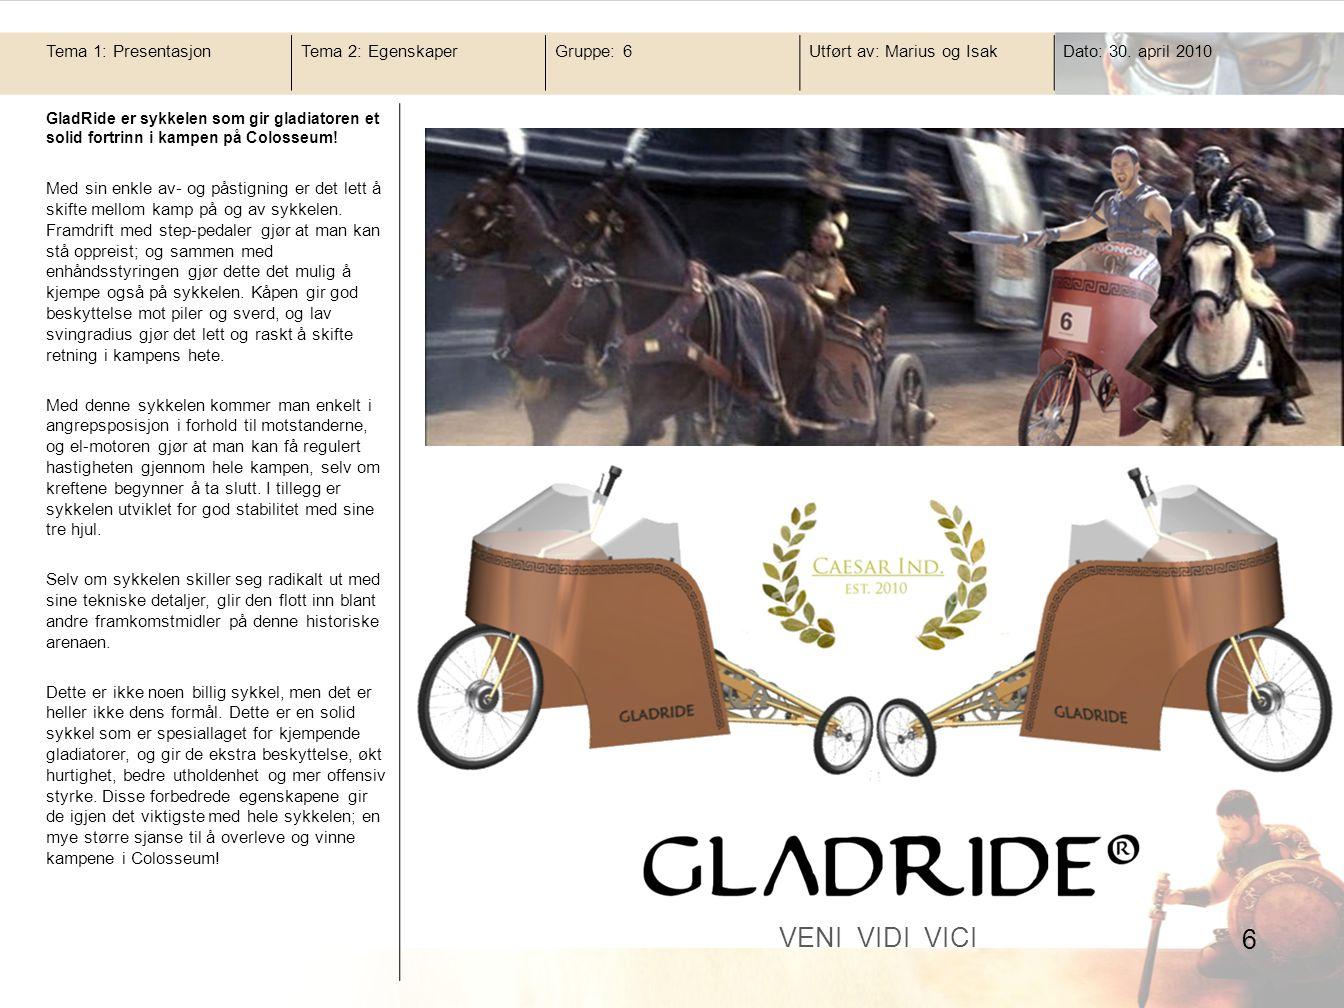 GladRide er sykkelen som gir gladiatoren et solid fortrinn i kampen på Colosseum! Med sin enkle av- og påstigning er det lett å skifte mellom kamp på